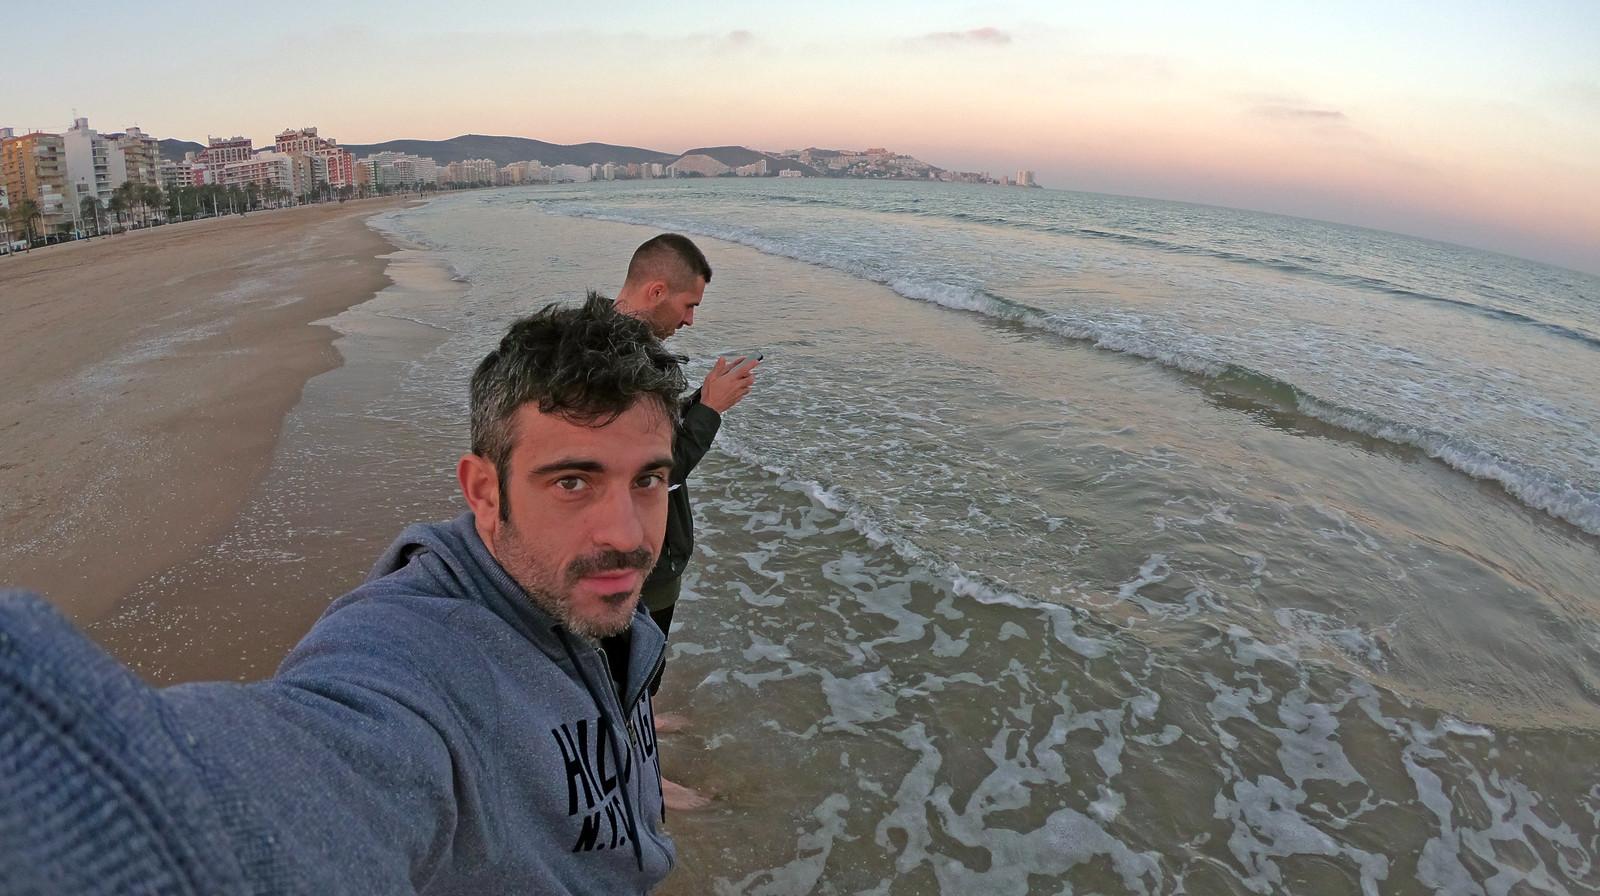 Correr el Maratón de Valencia, España - Marathon Spain maratón de valencia - 47198691441 108b251464 h - Maratón de Valencia: análisis, recorrido, entrenamiento y recomendaciones de viaje